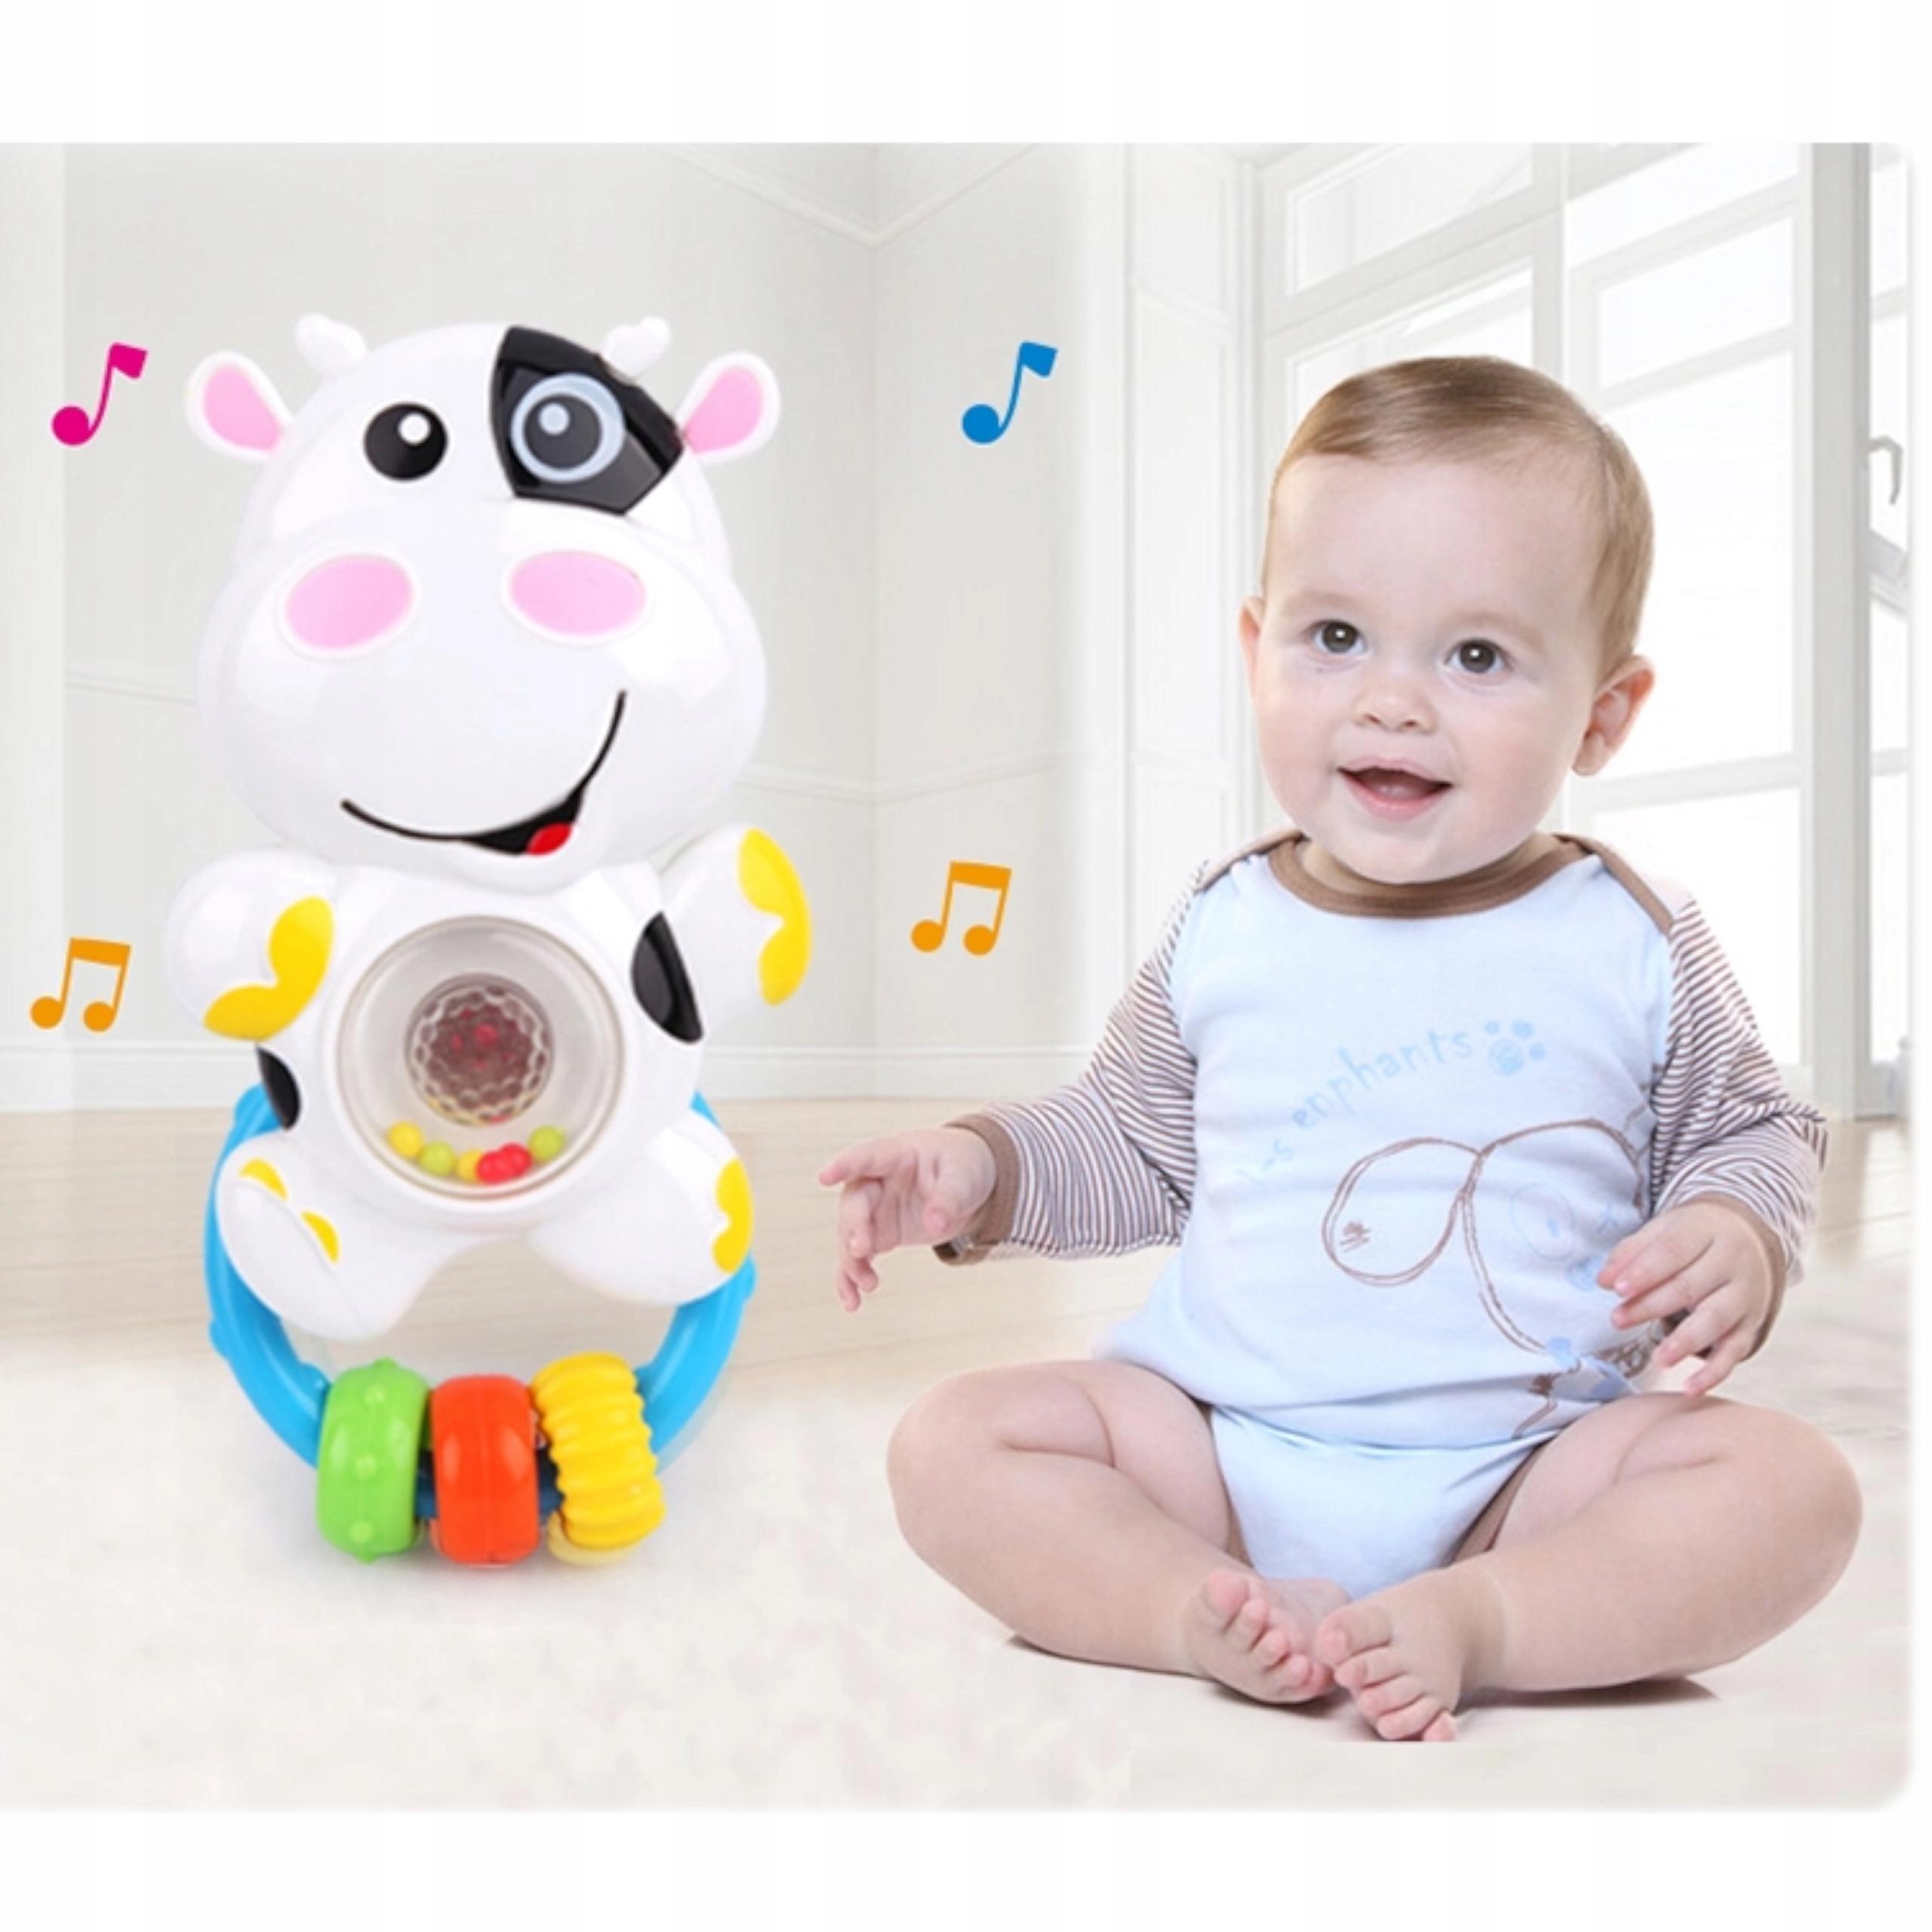 Grzechotka sensoryczna krówka melodyjki światła 81 Płeć Chłopcy Dziewczynki